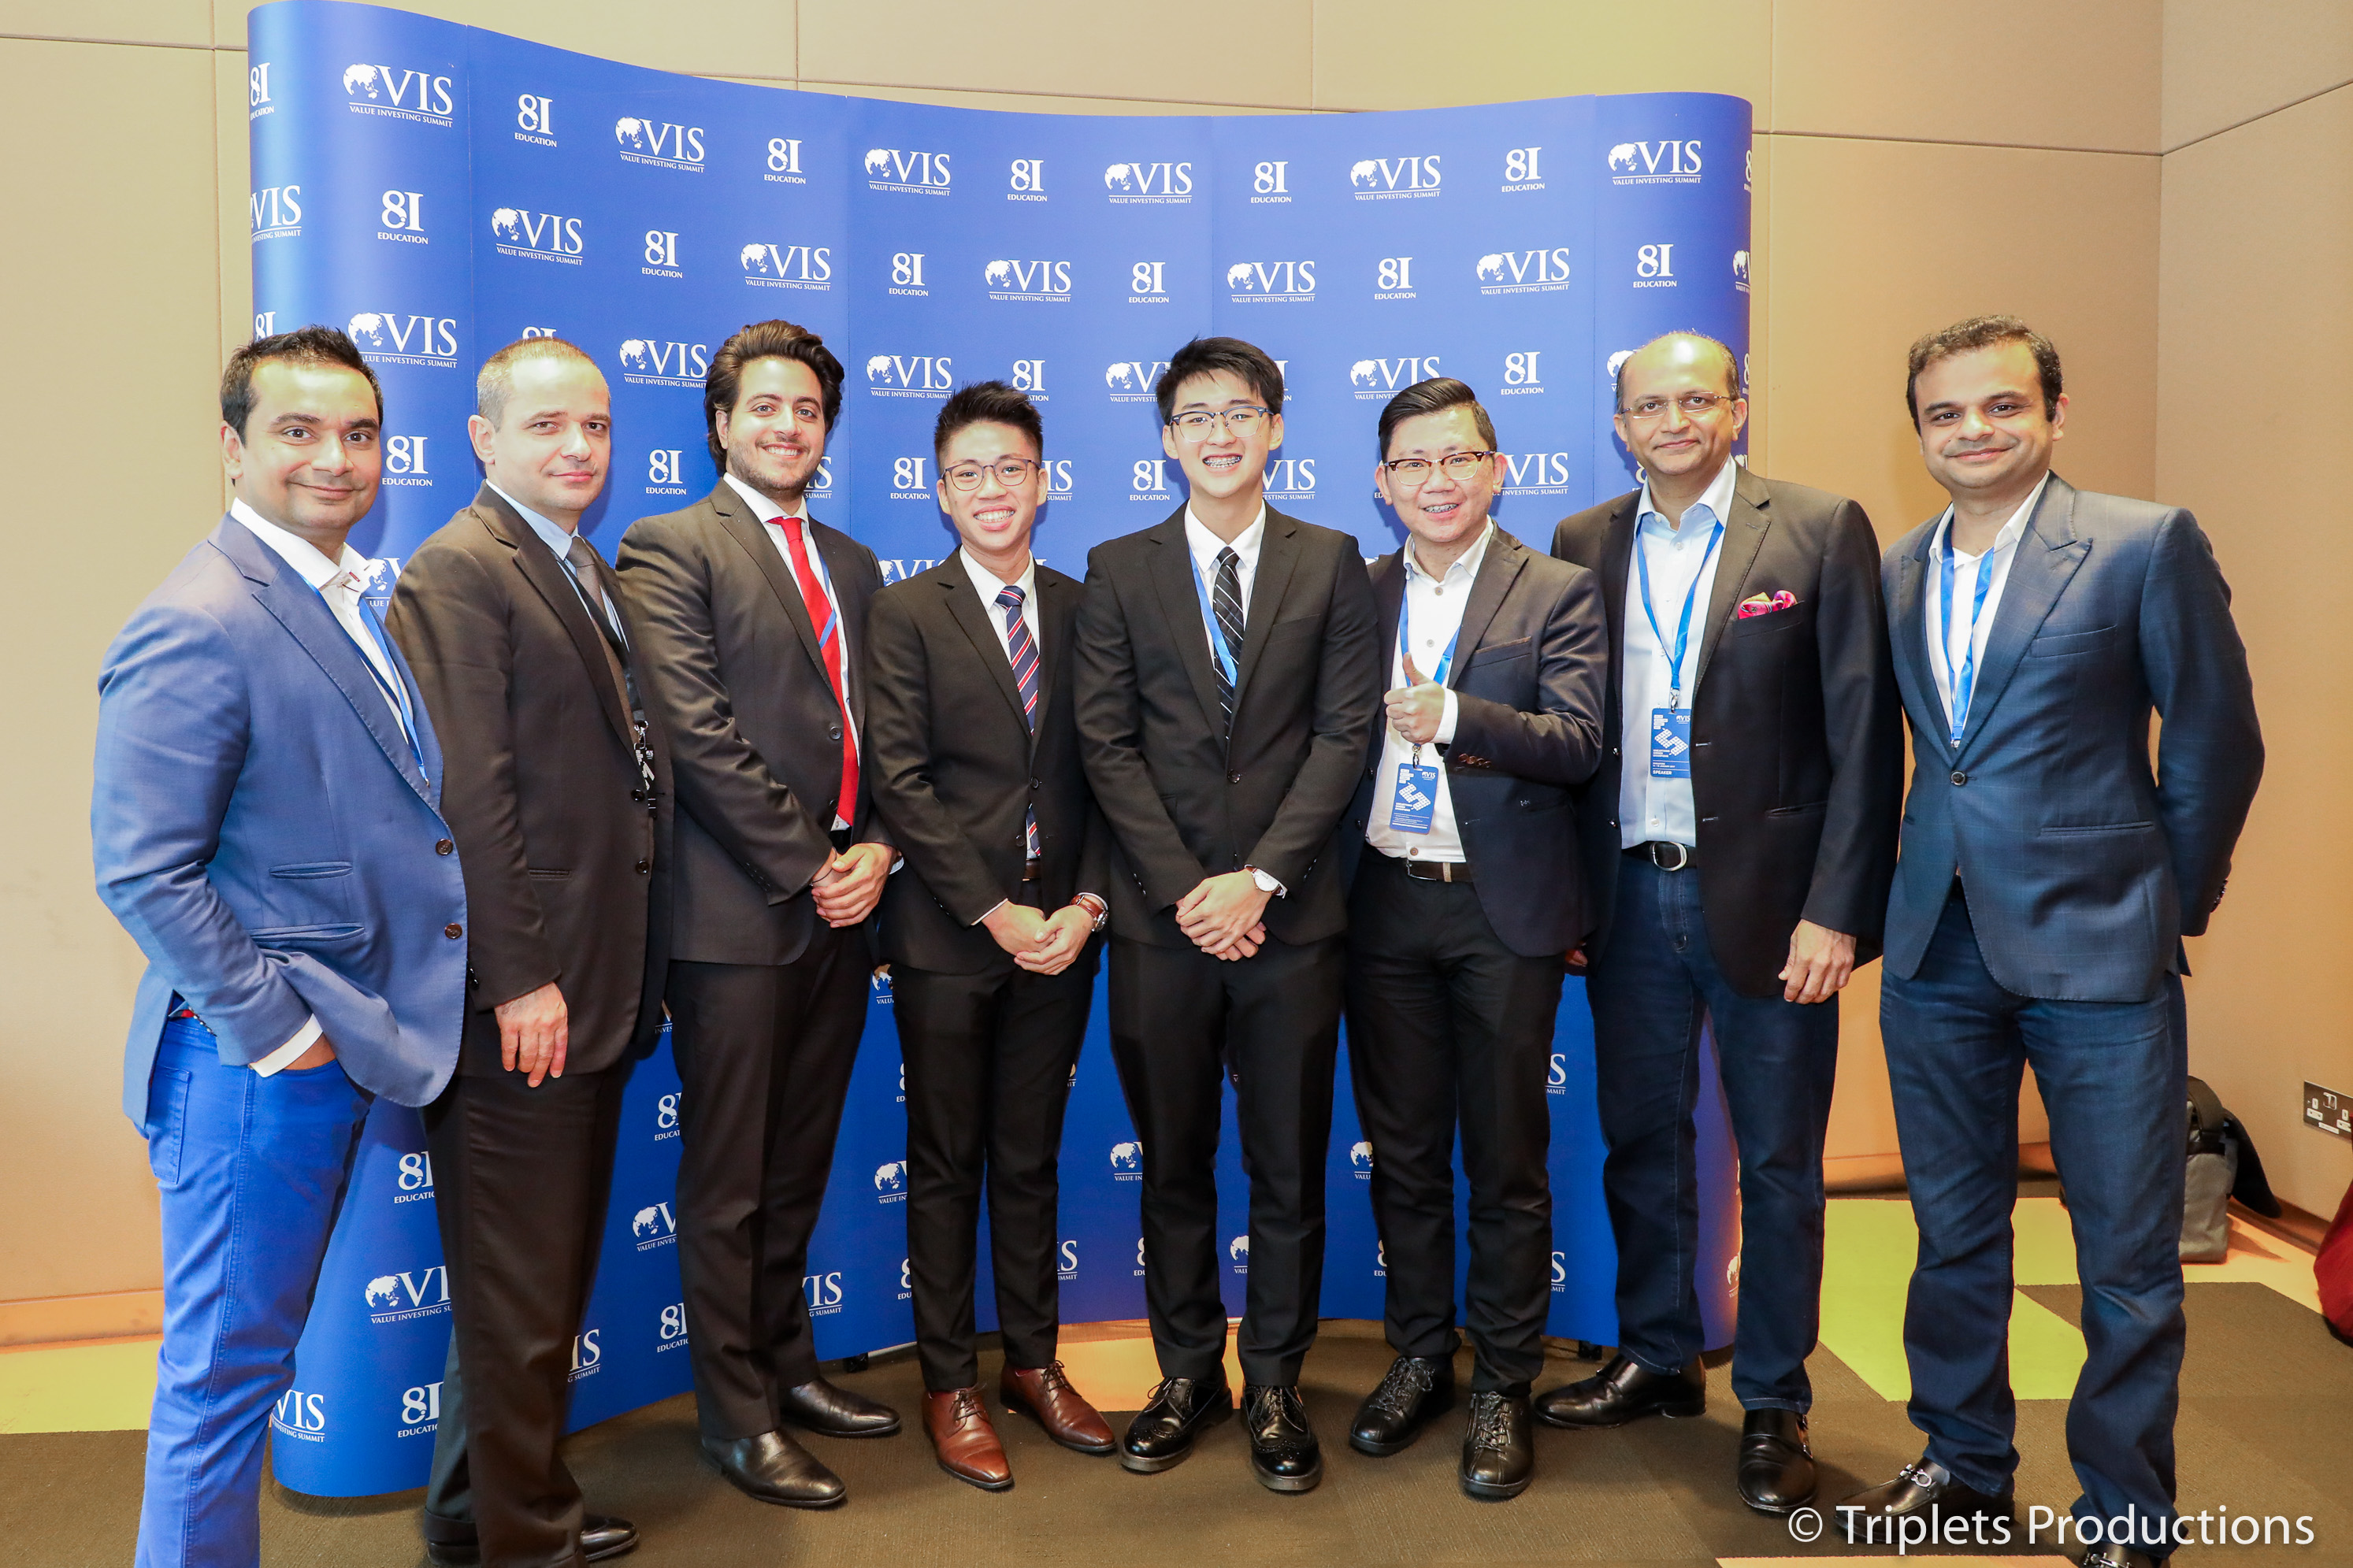 Team Members: Darren Ong, Lim Yi Chang